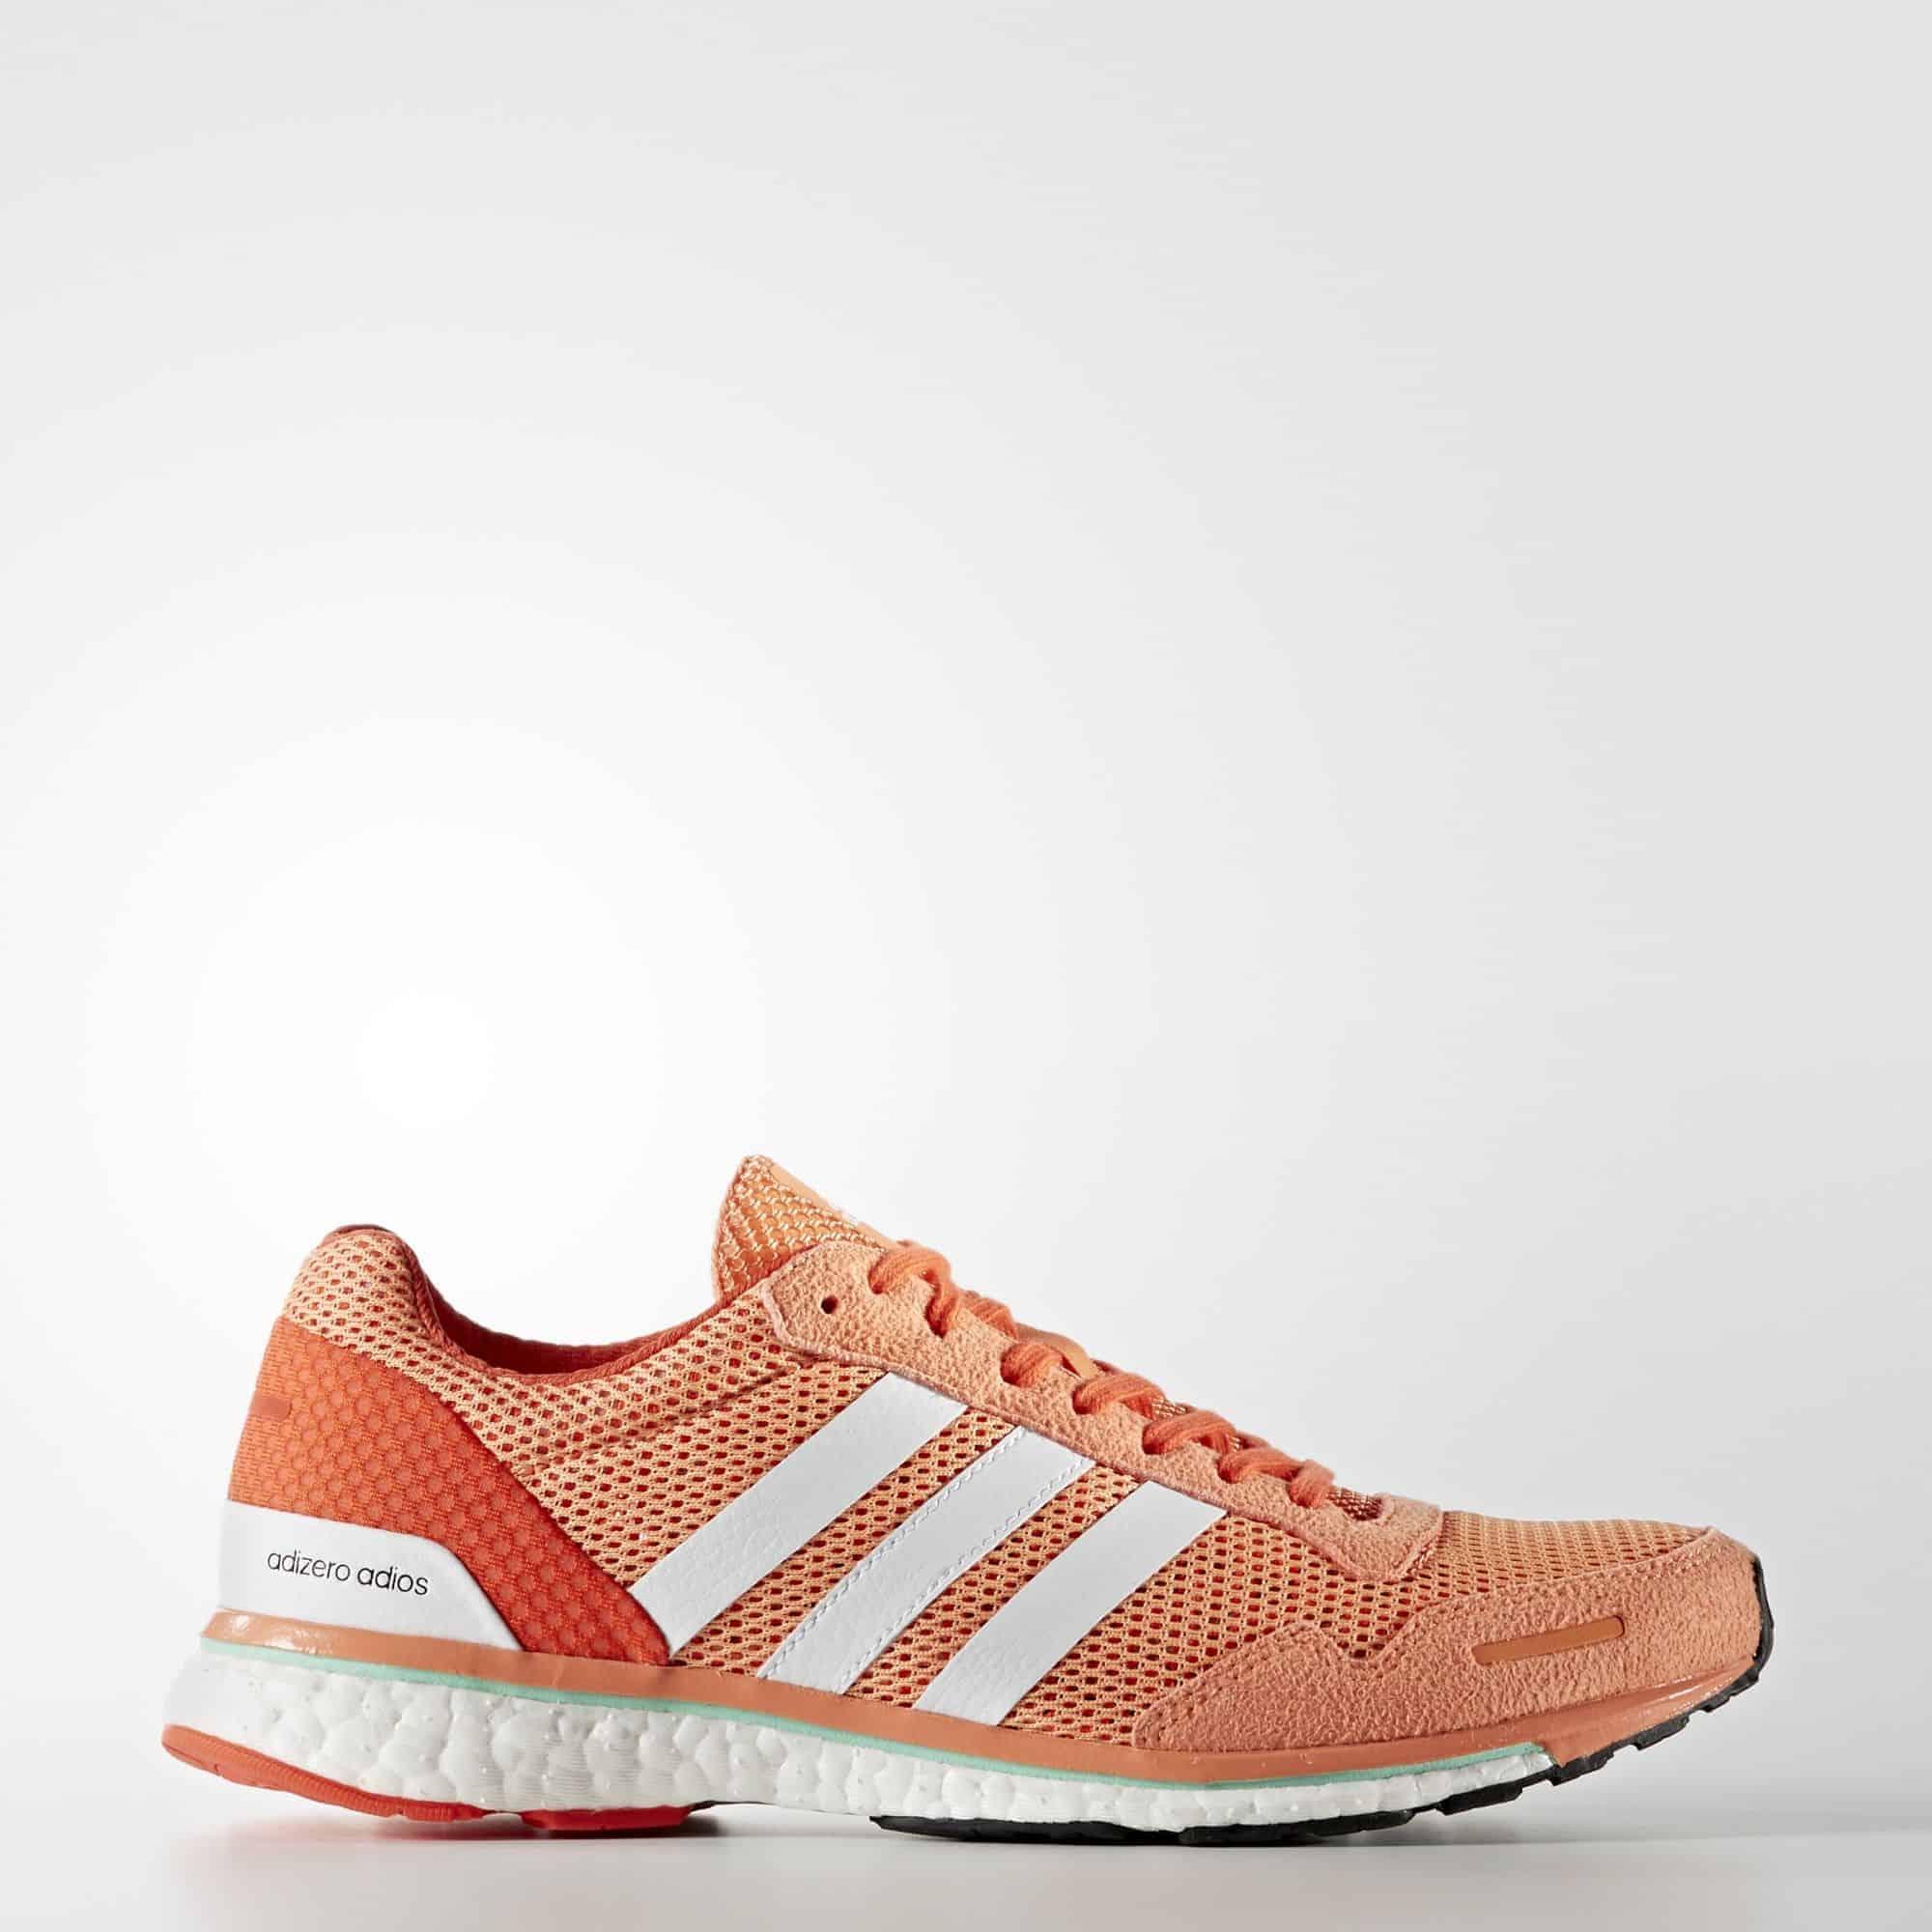 Кроссовки для бега Adidas Adizero Adios женские